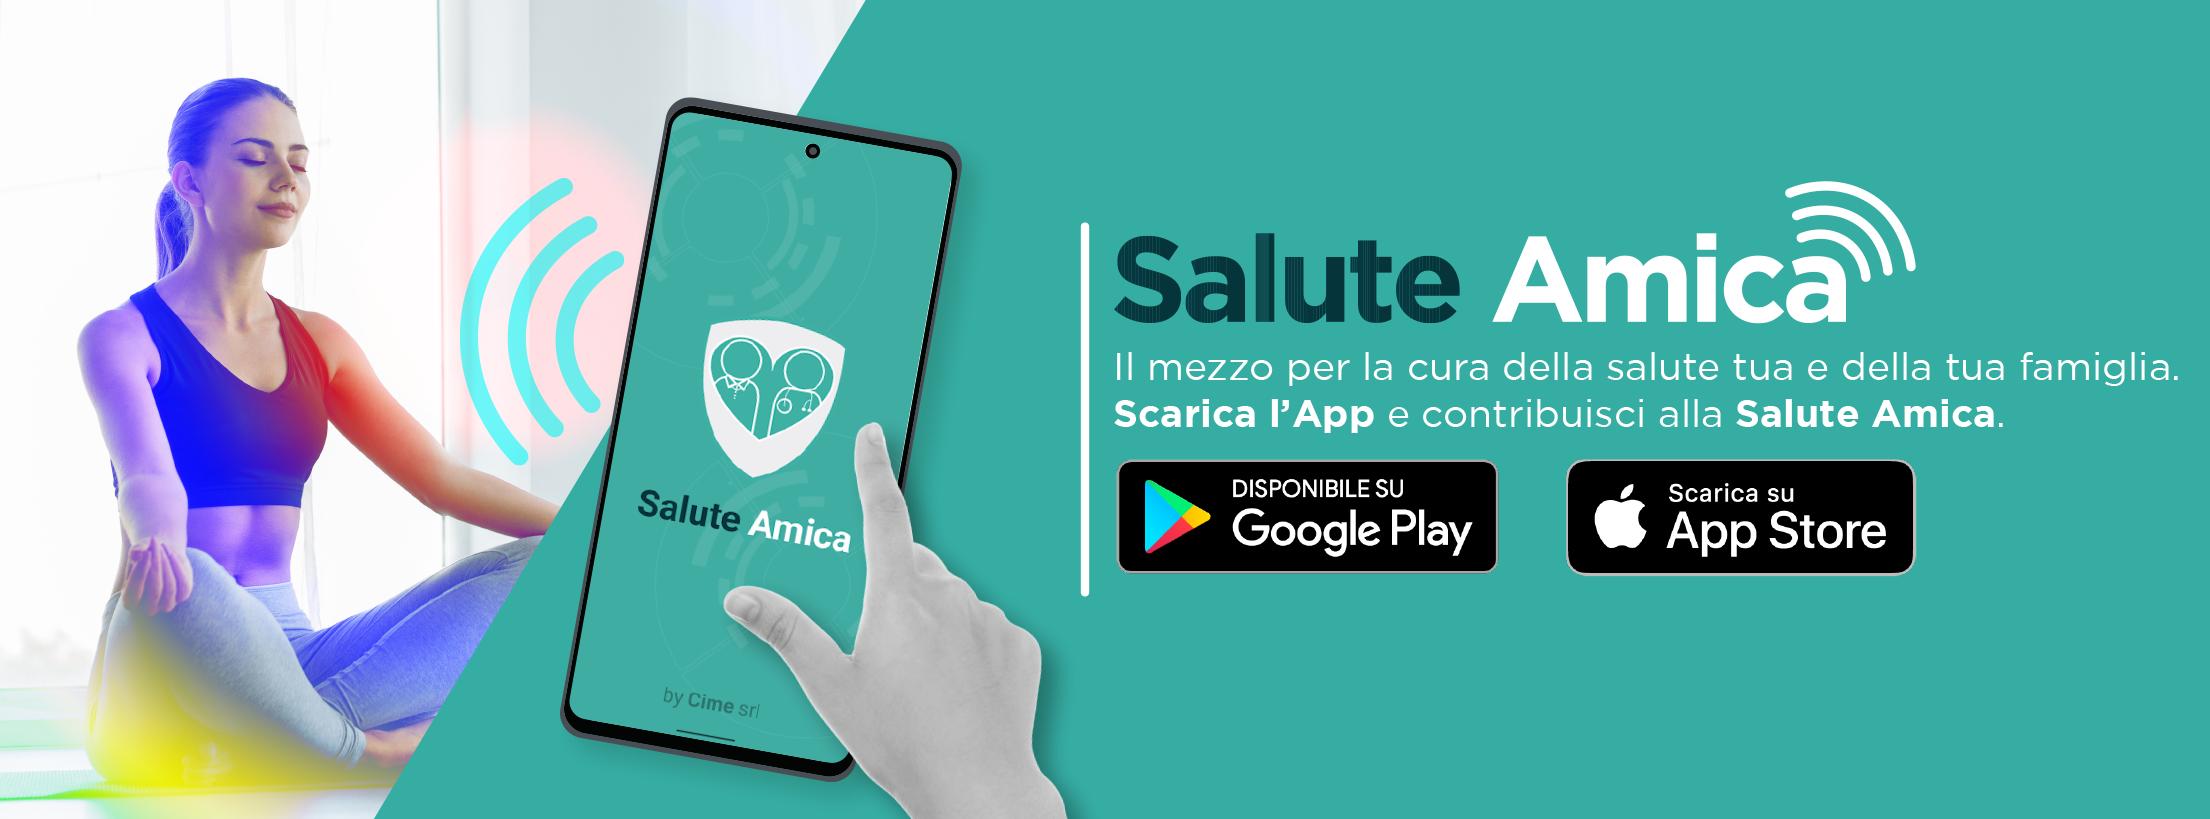 salute-amica-cime-servizi-app-contatto-medico-paziente